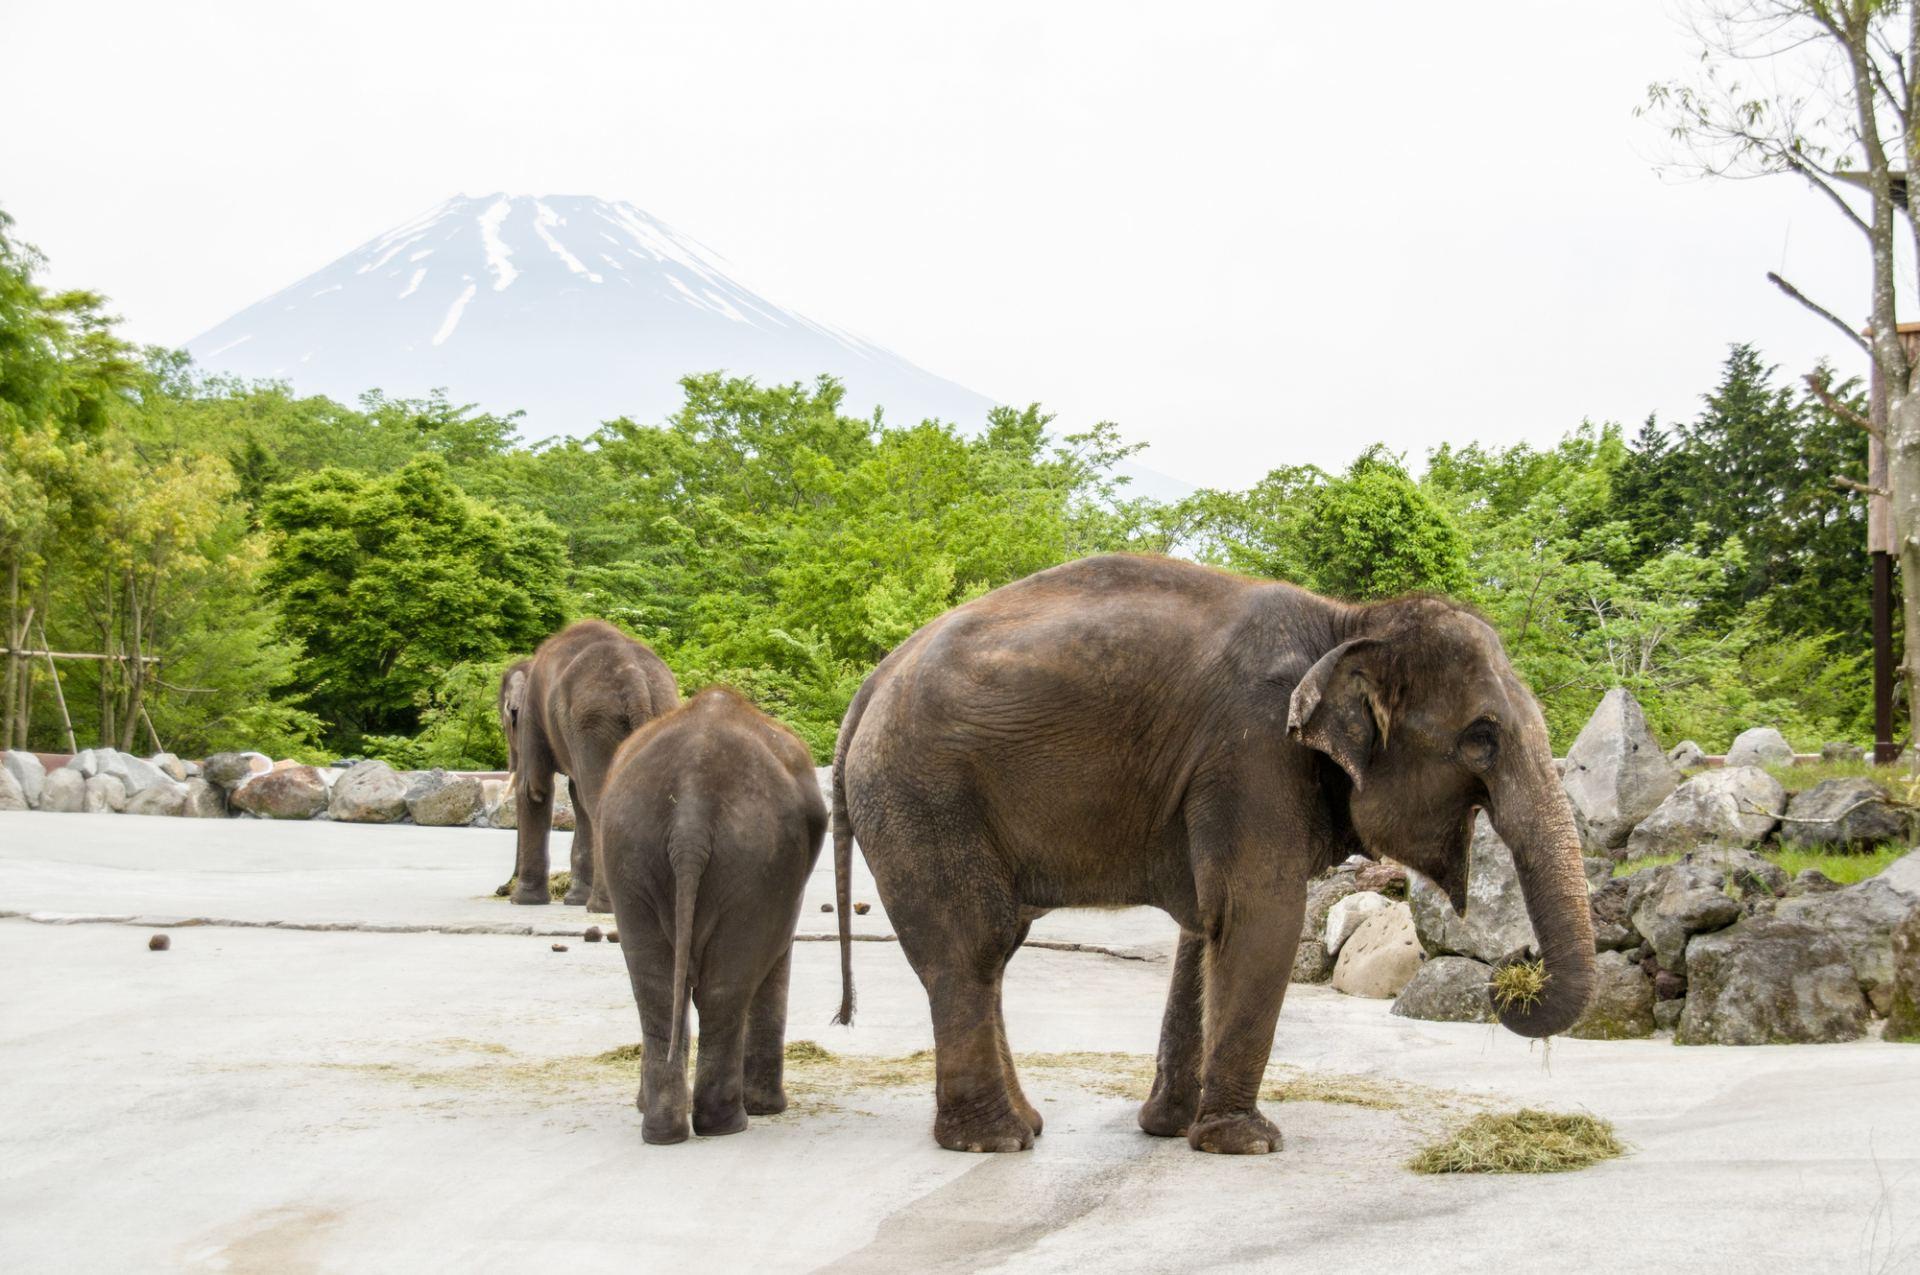 富士野生動物園、動物園、大象、富士山